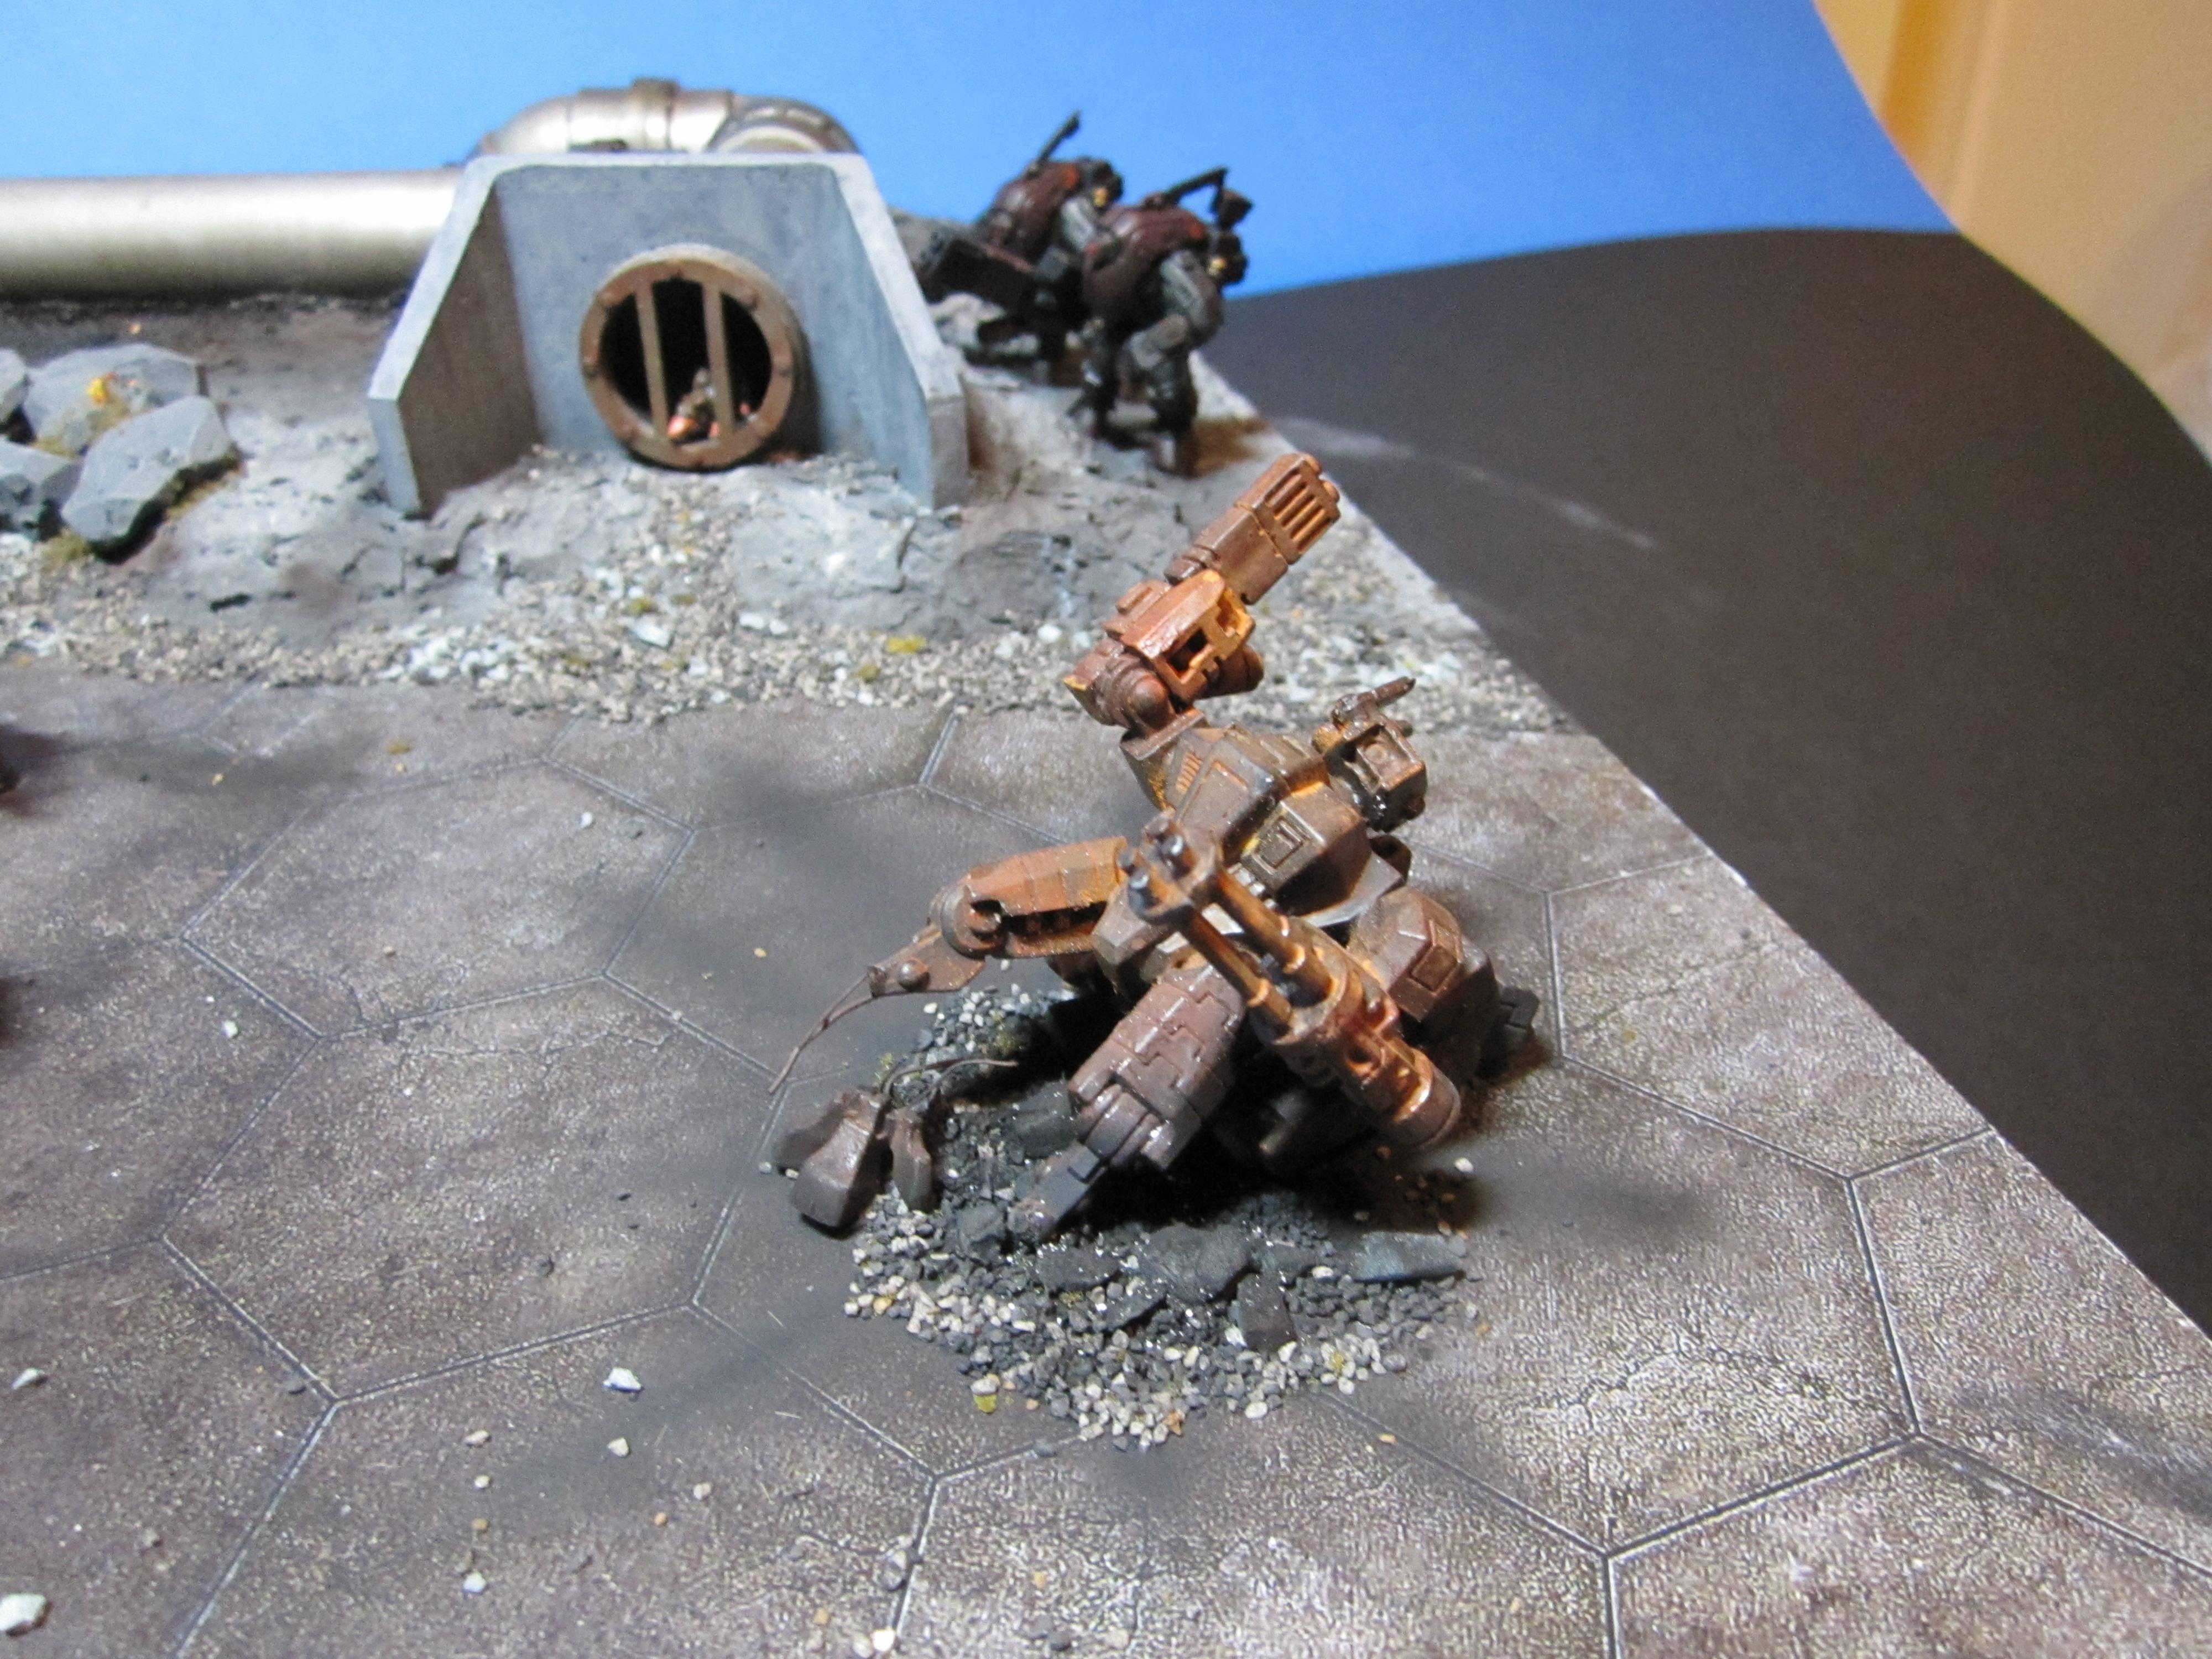 Diorama, Tau, Warhammer 40,000